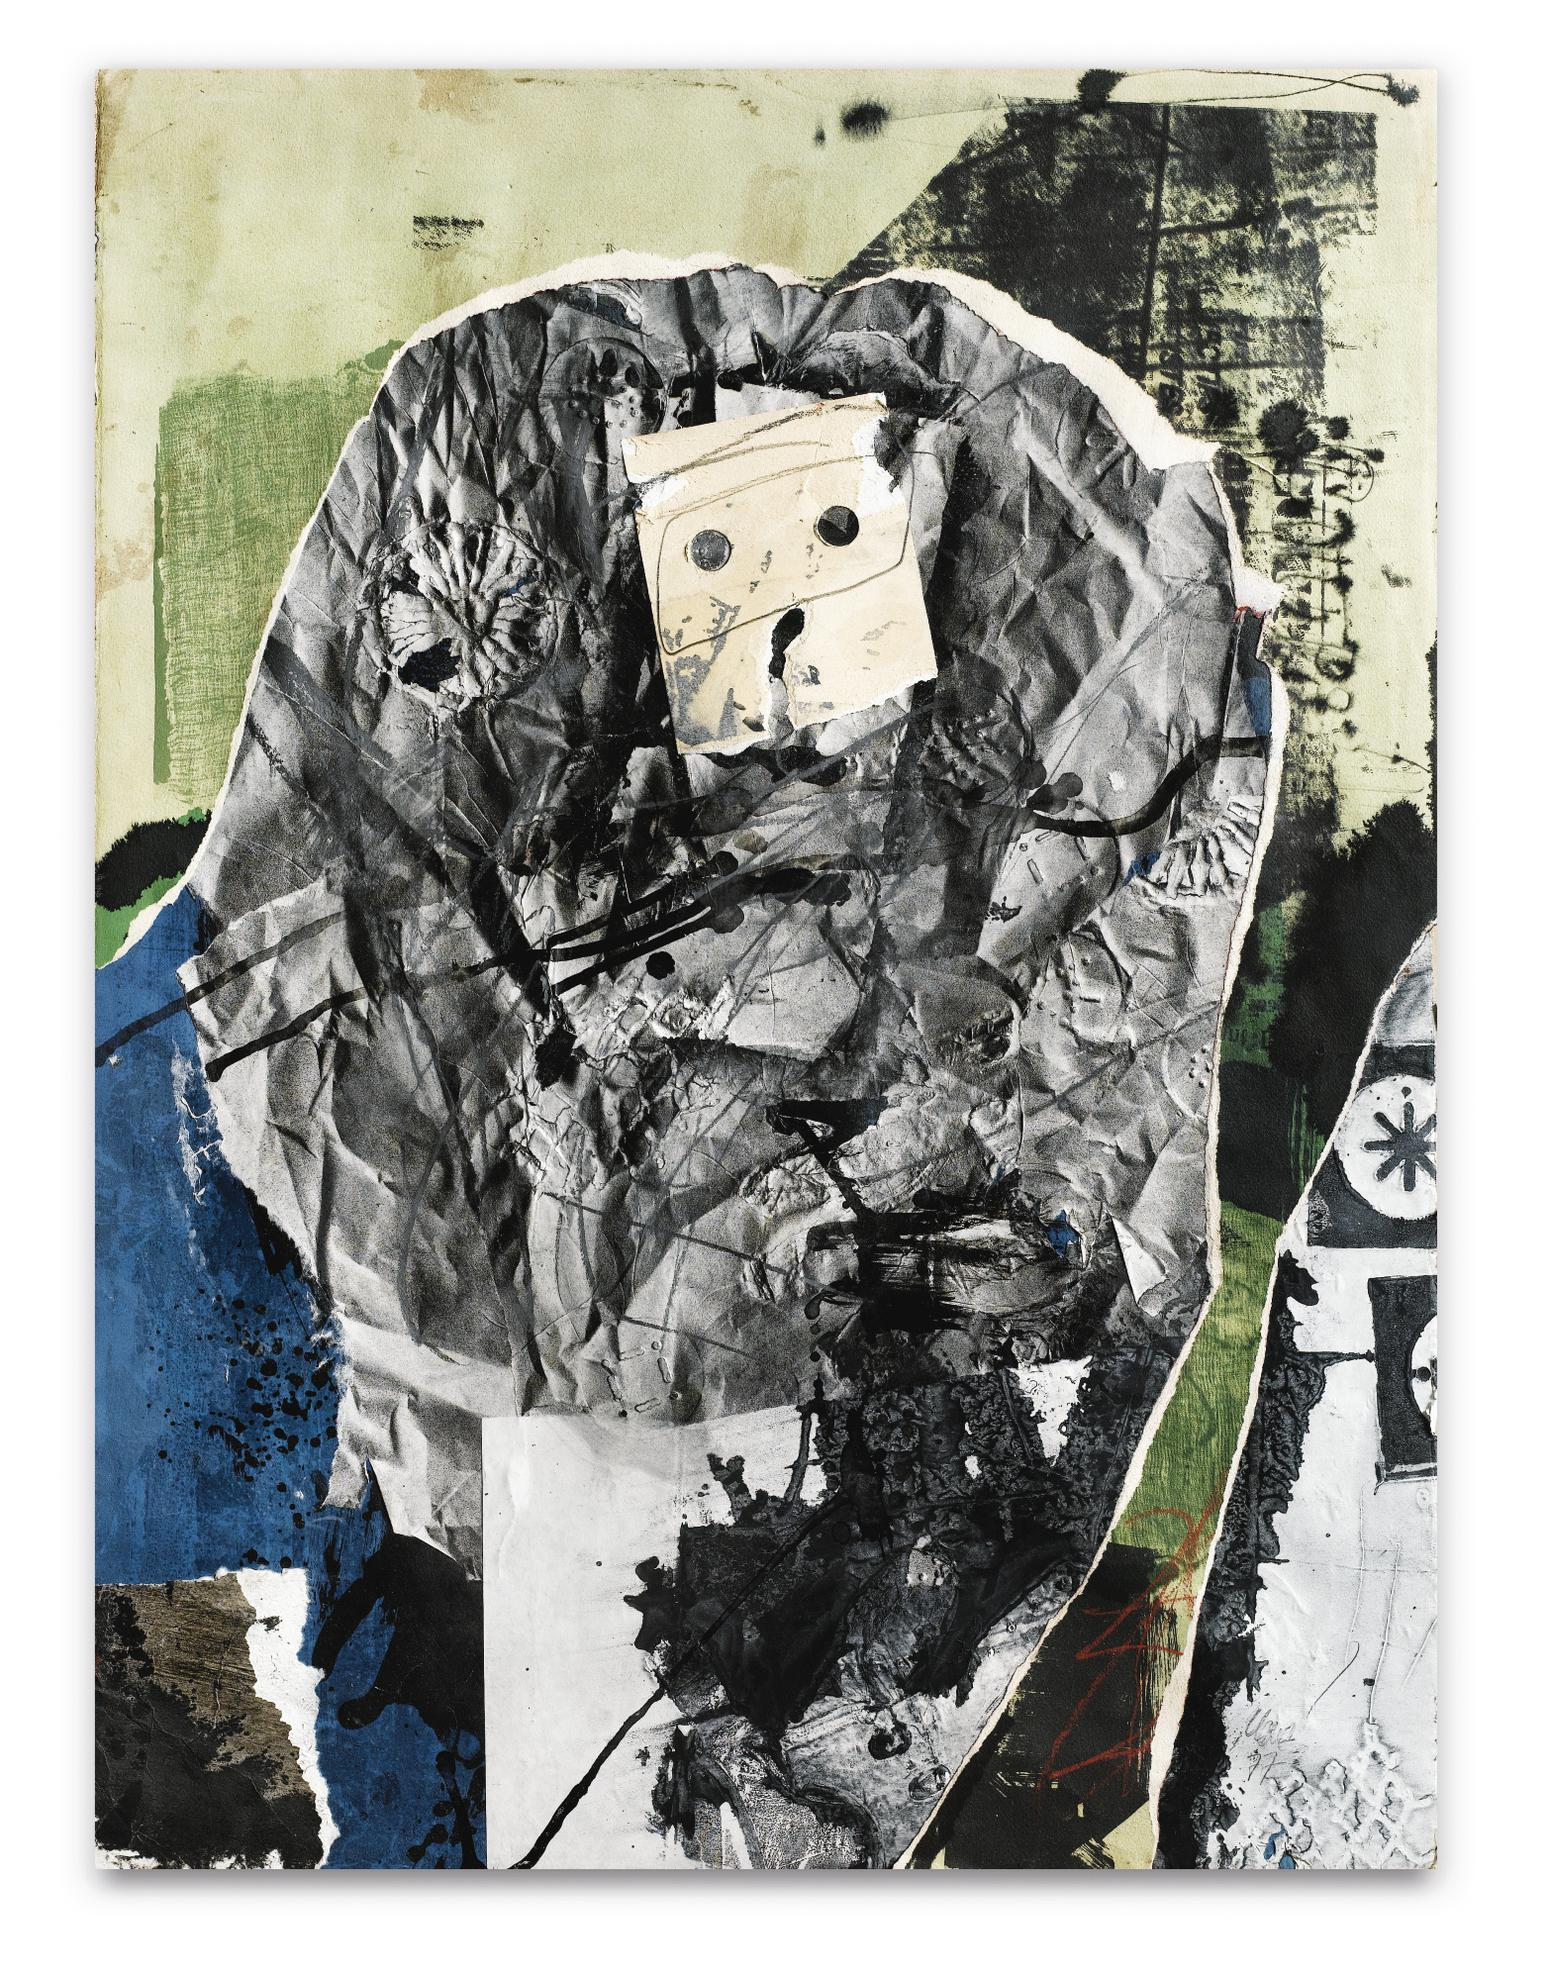 Antoni Clave-Guerrier Au Masque-1977